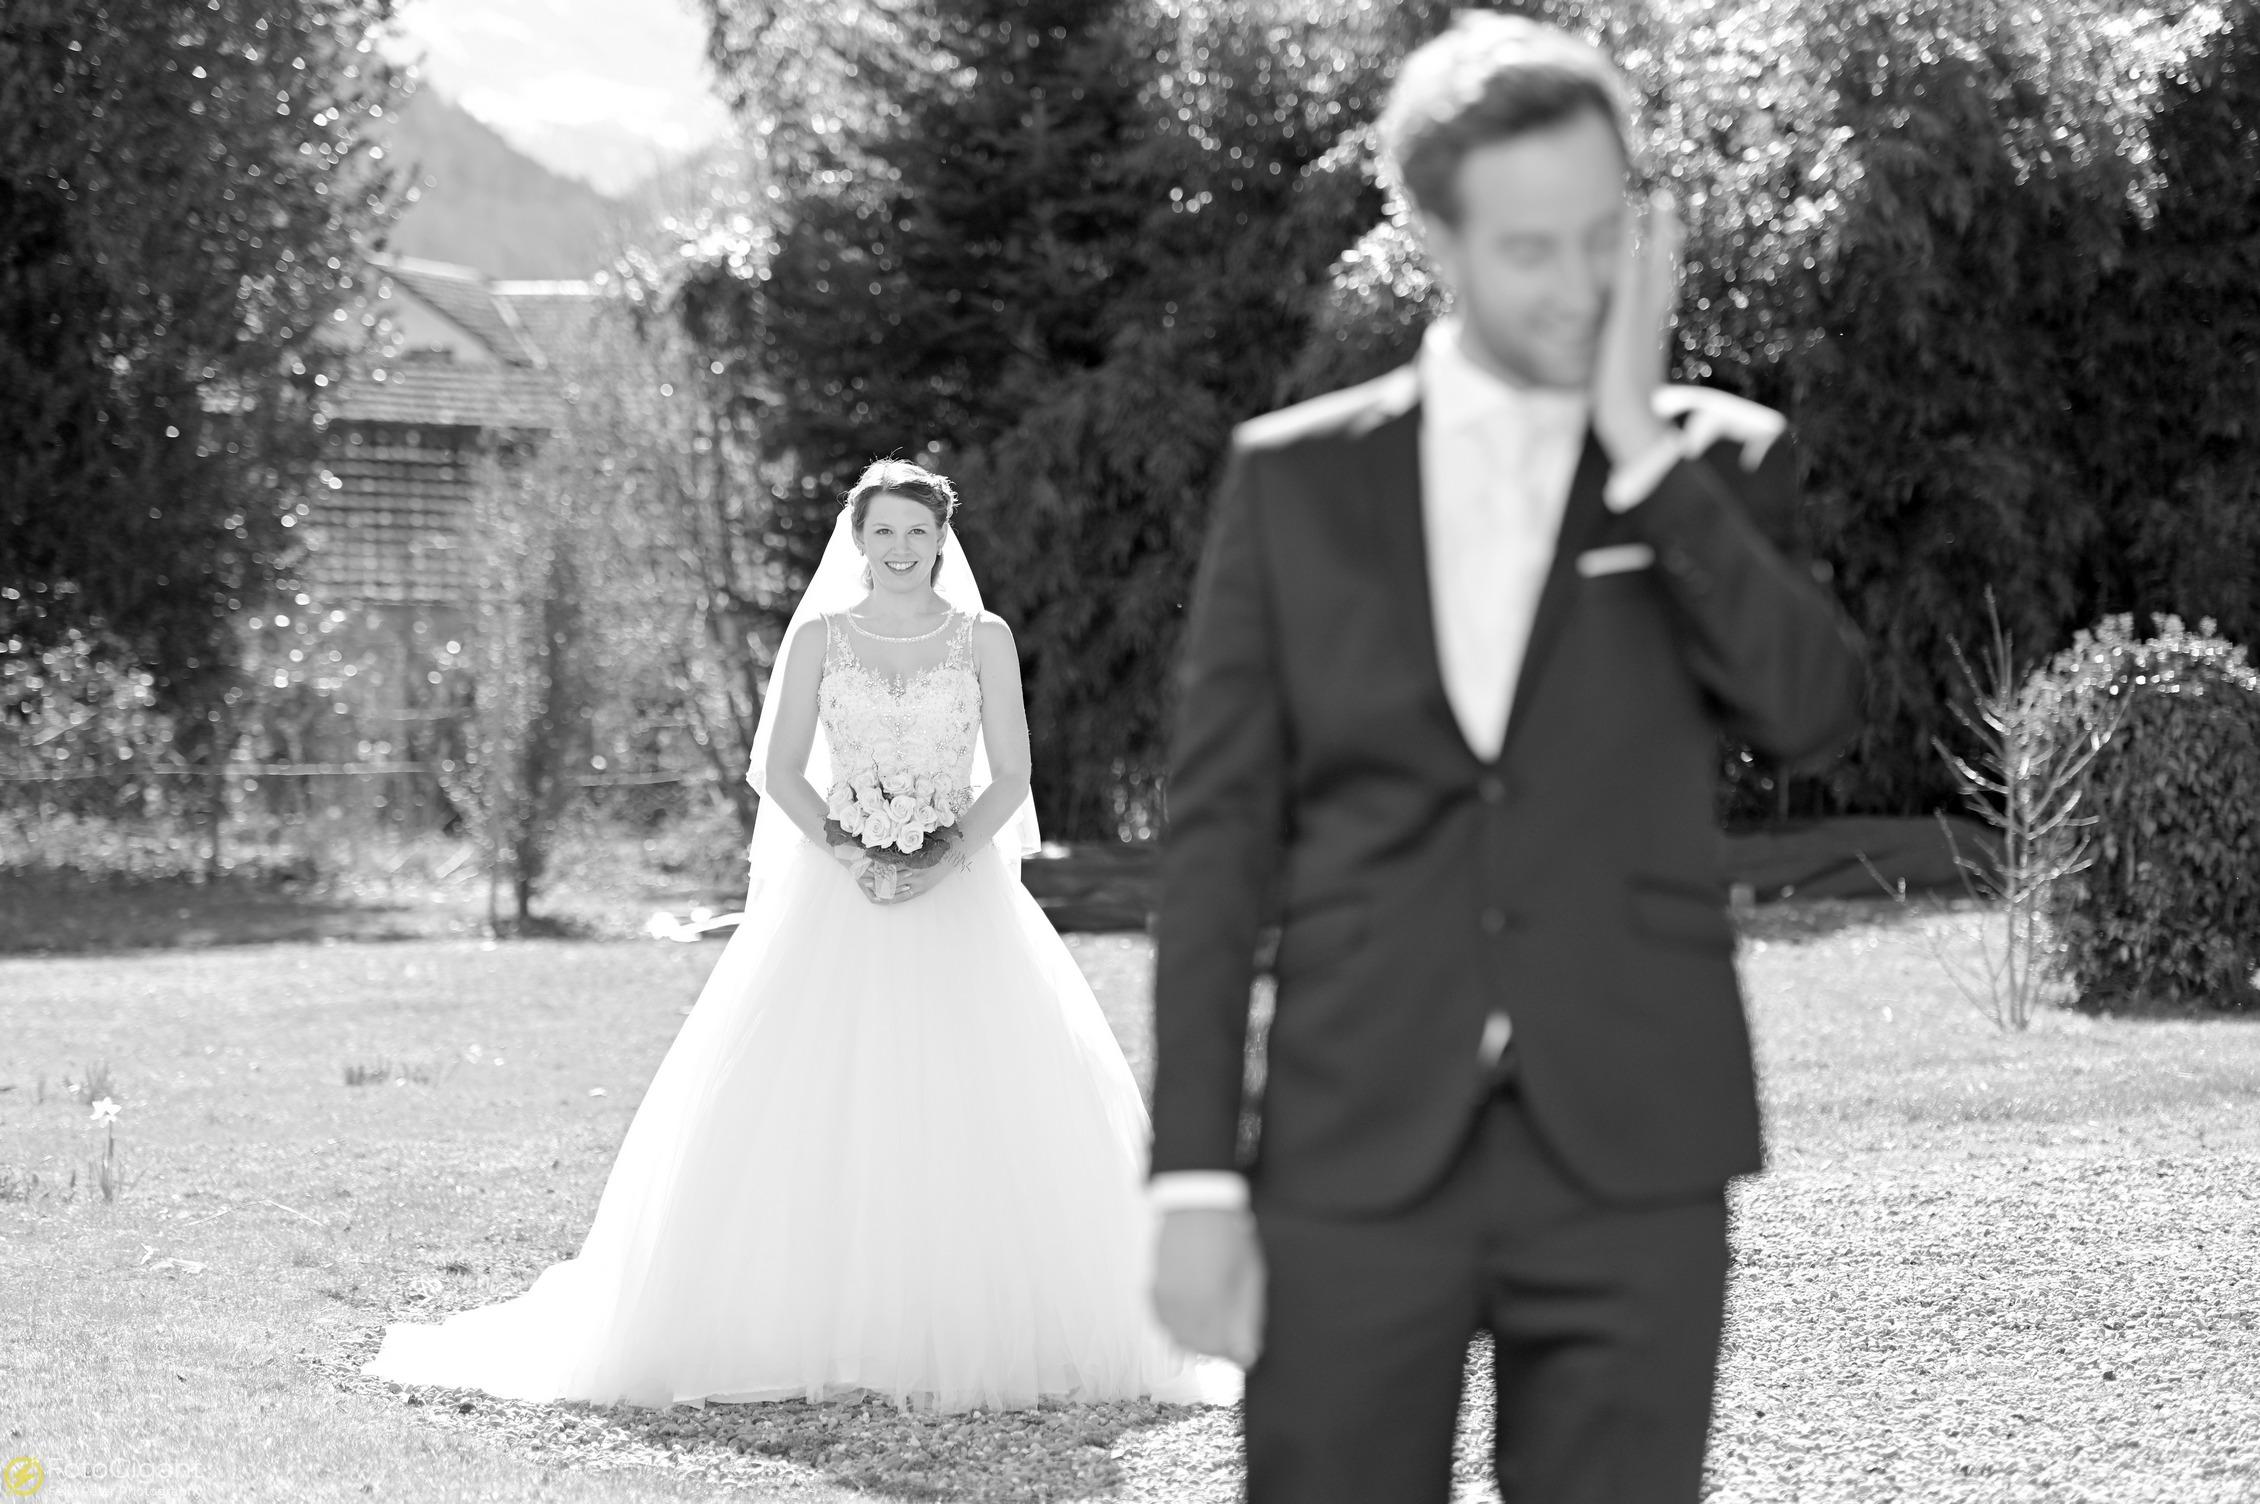 Hochzeitsfotografie_Workshop_Interlaken_19.jpg